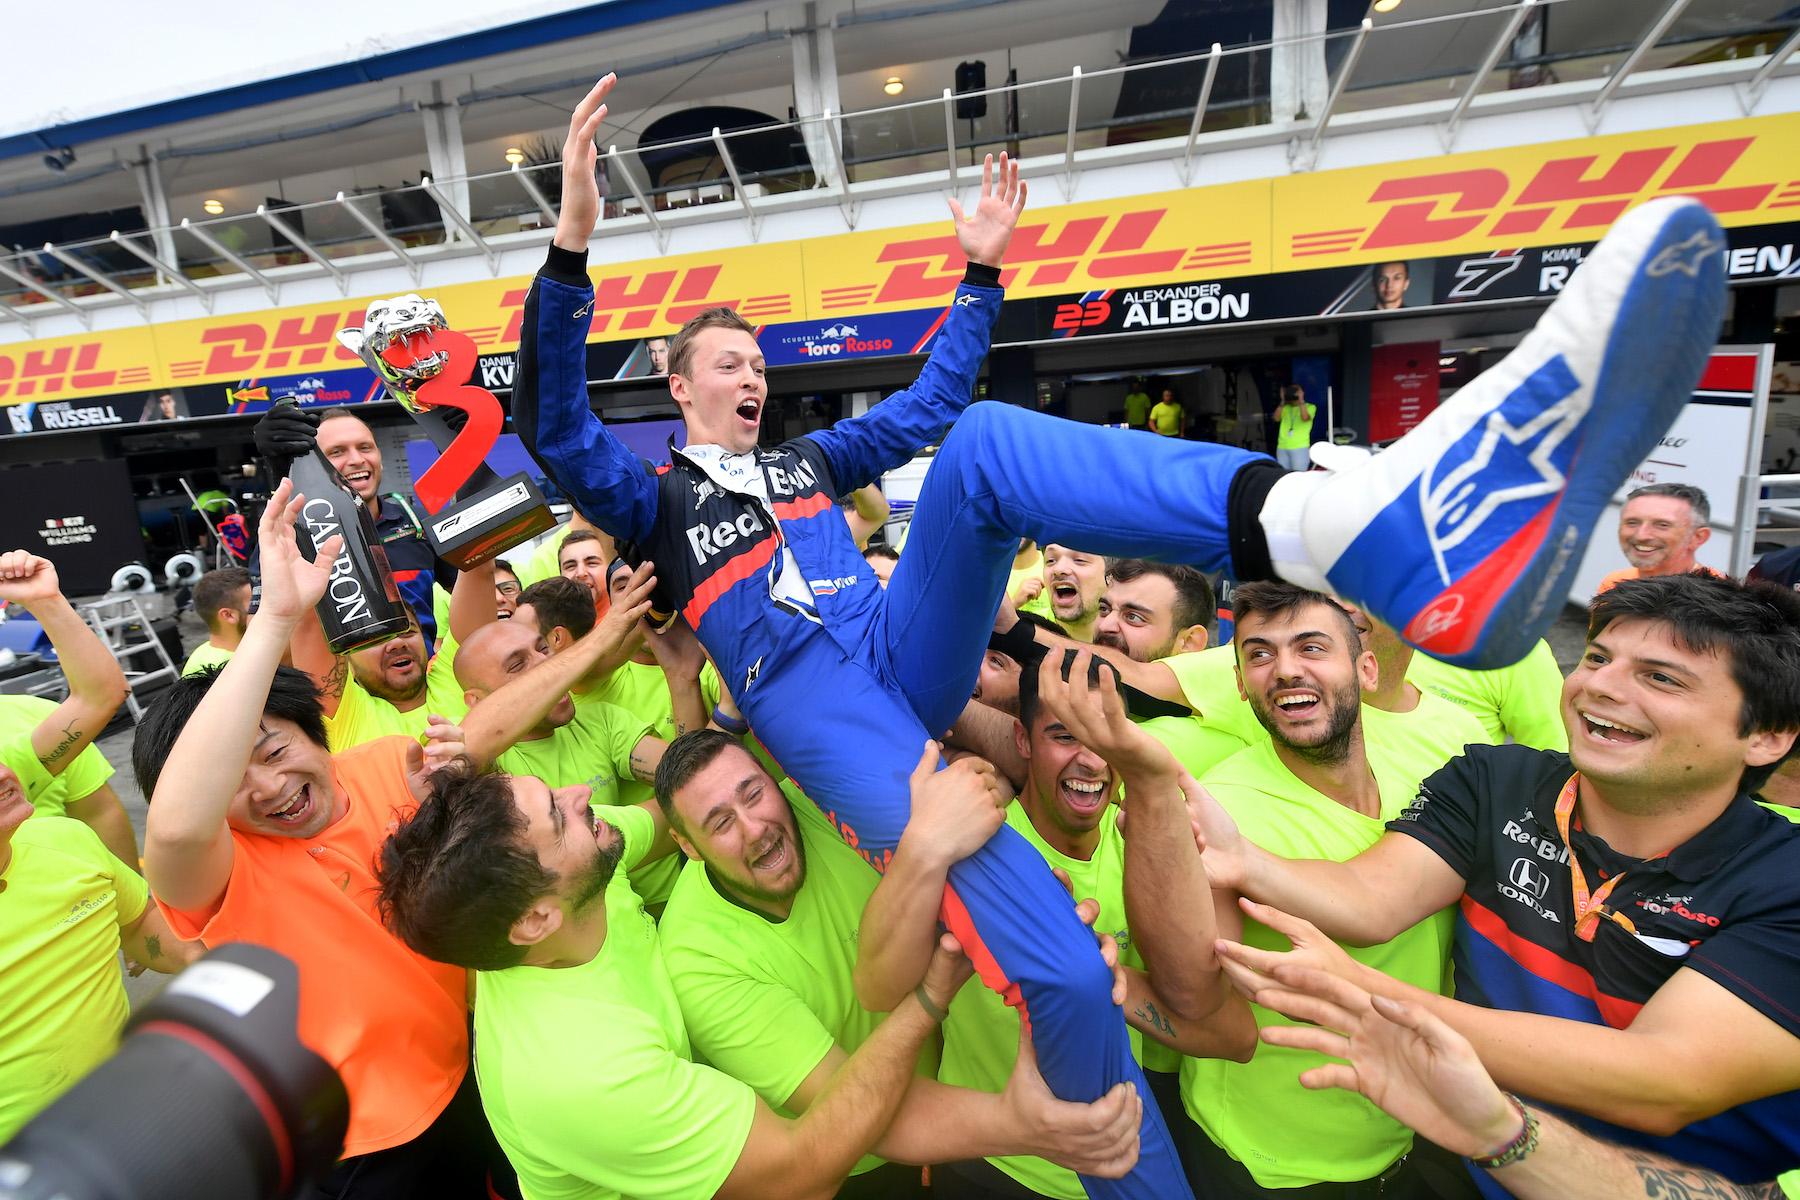 5 2019 German GP Sunday 36.jpg